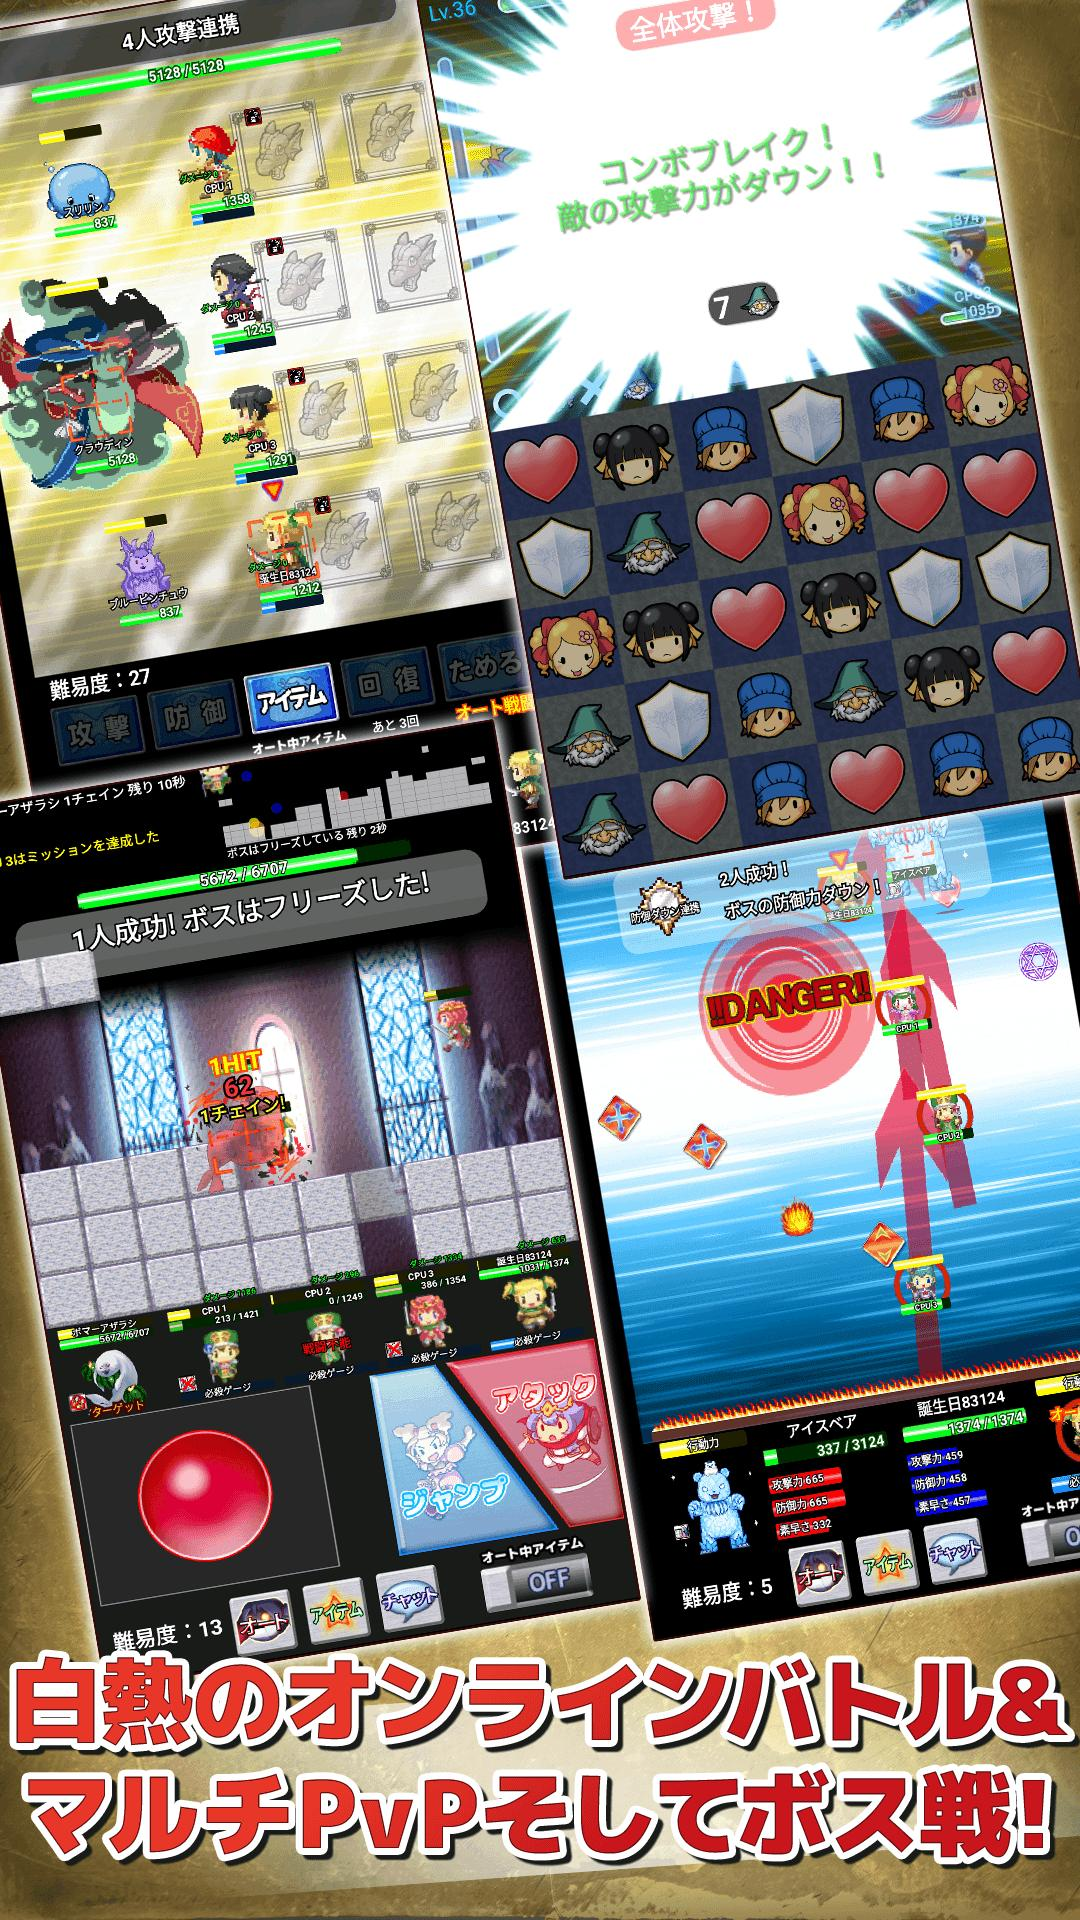 お小遣い×RPG☆RPGゲームでお小遣い稼ぎ!ポイント稼げるアプリ【Card RPG】 5.7.6 Screenshot 9